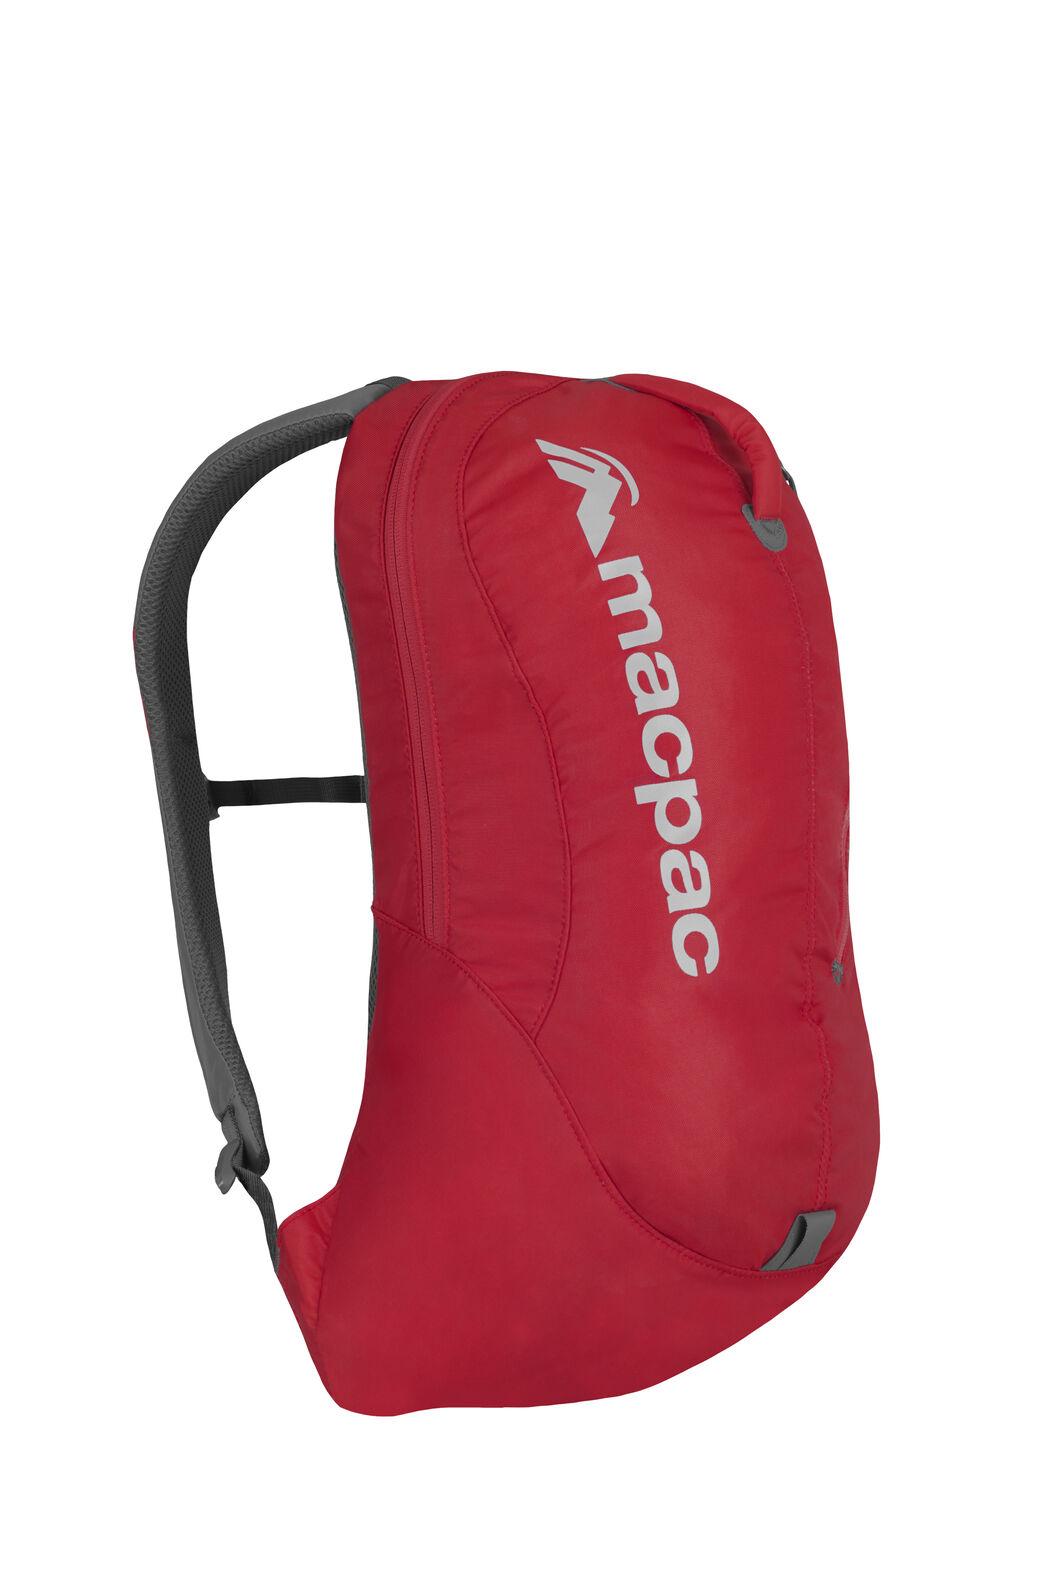 Macpac Kahuna 1.1 18L Backpack, Haute Red, hi-res